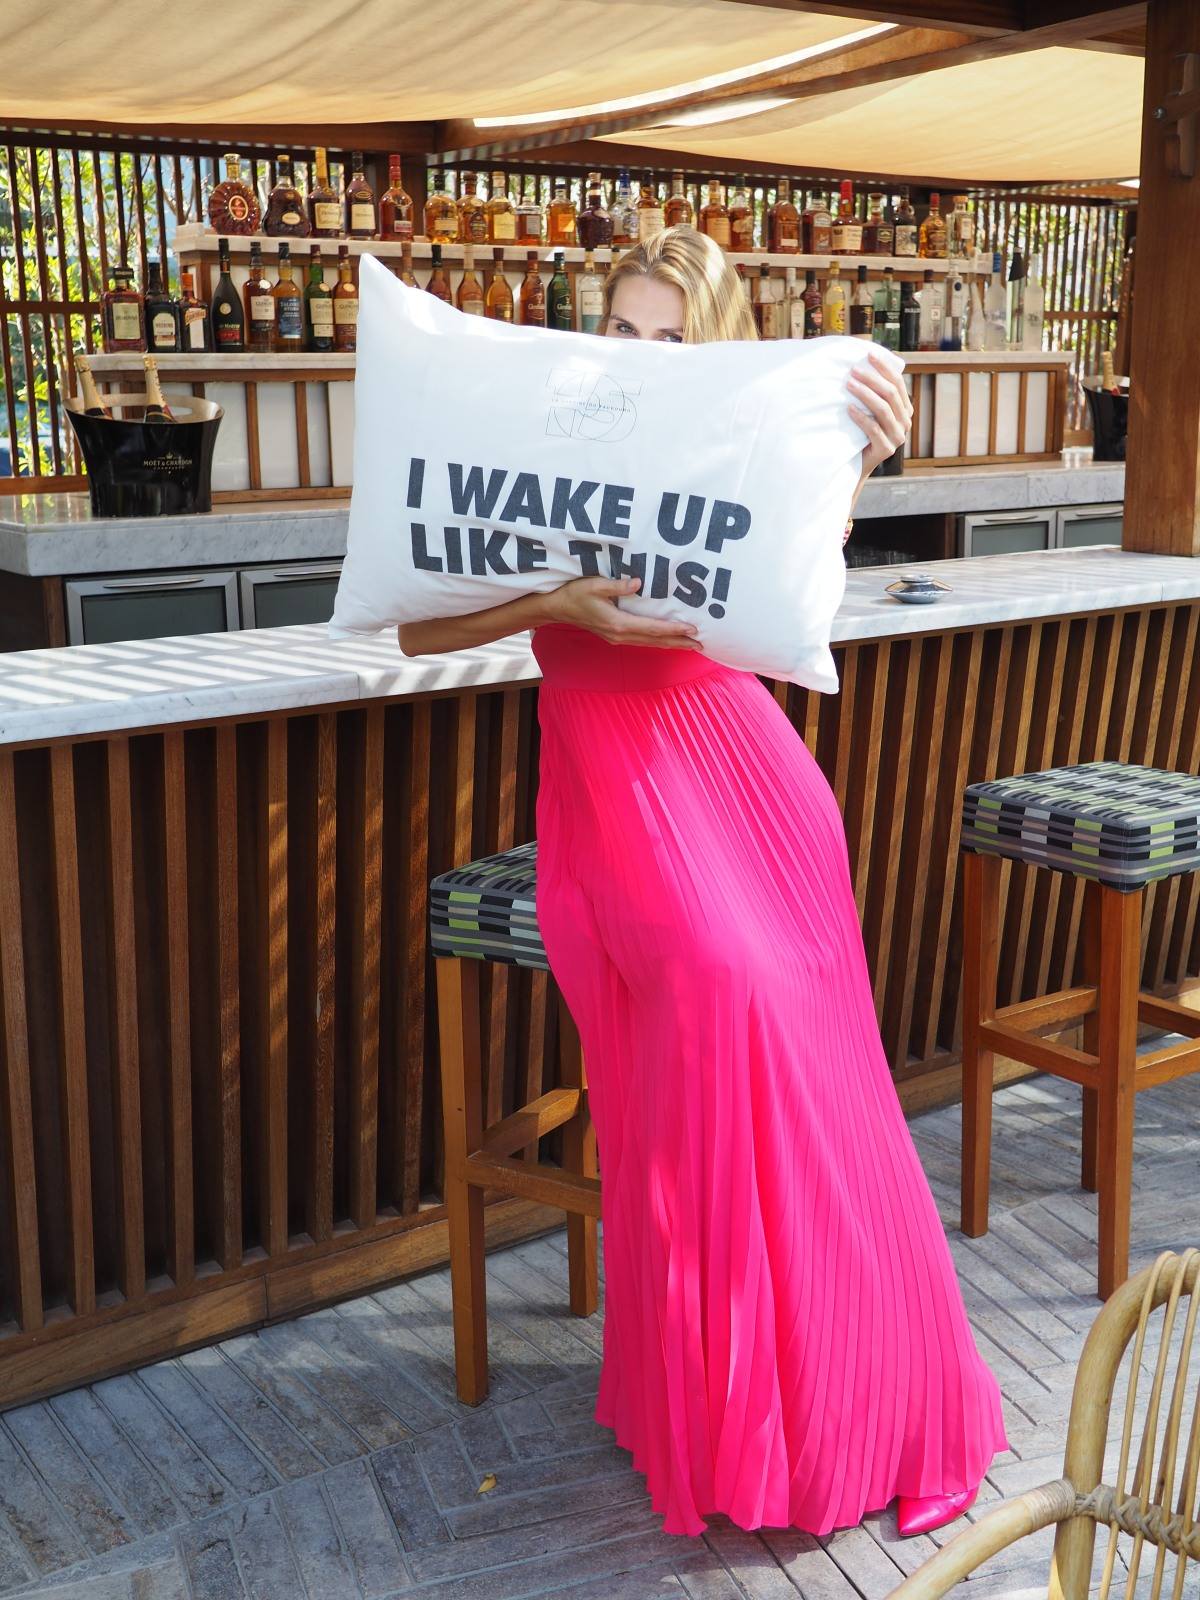 Wake up in Paris and brunch @La Cantine du Faubourg,Dubai